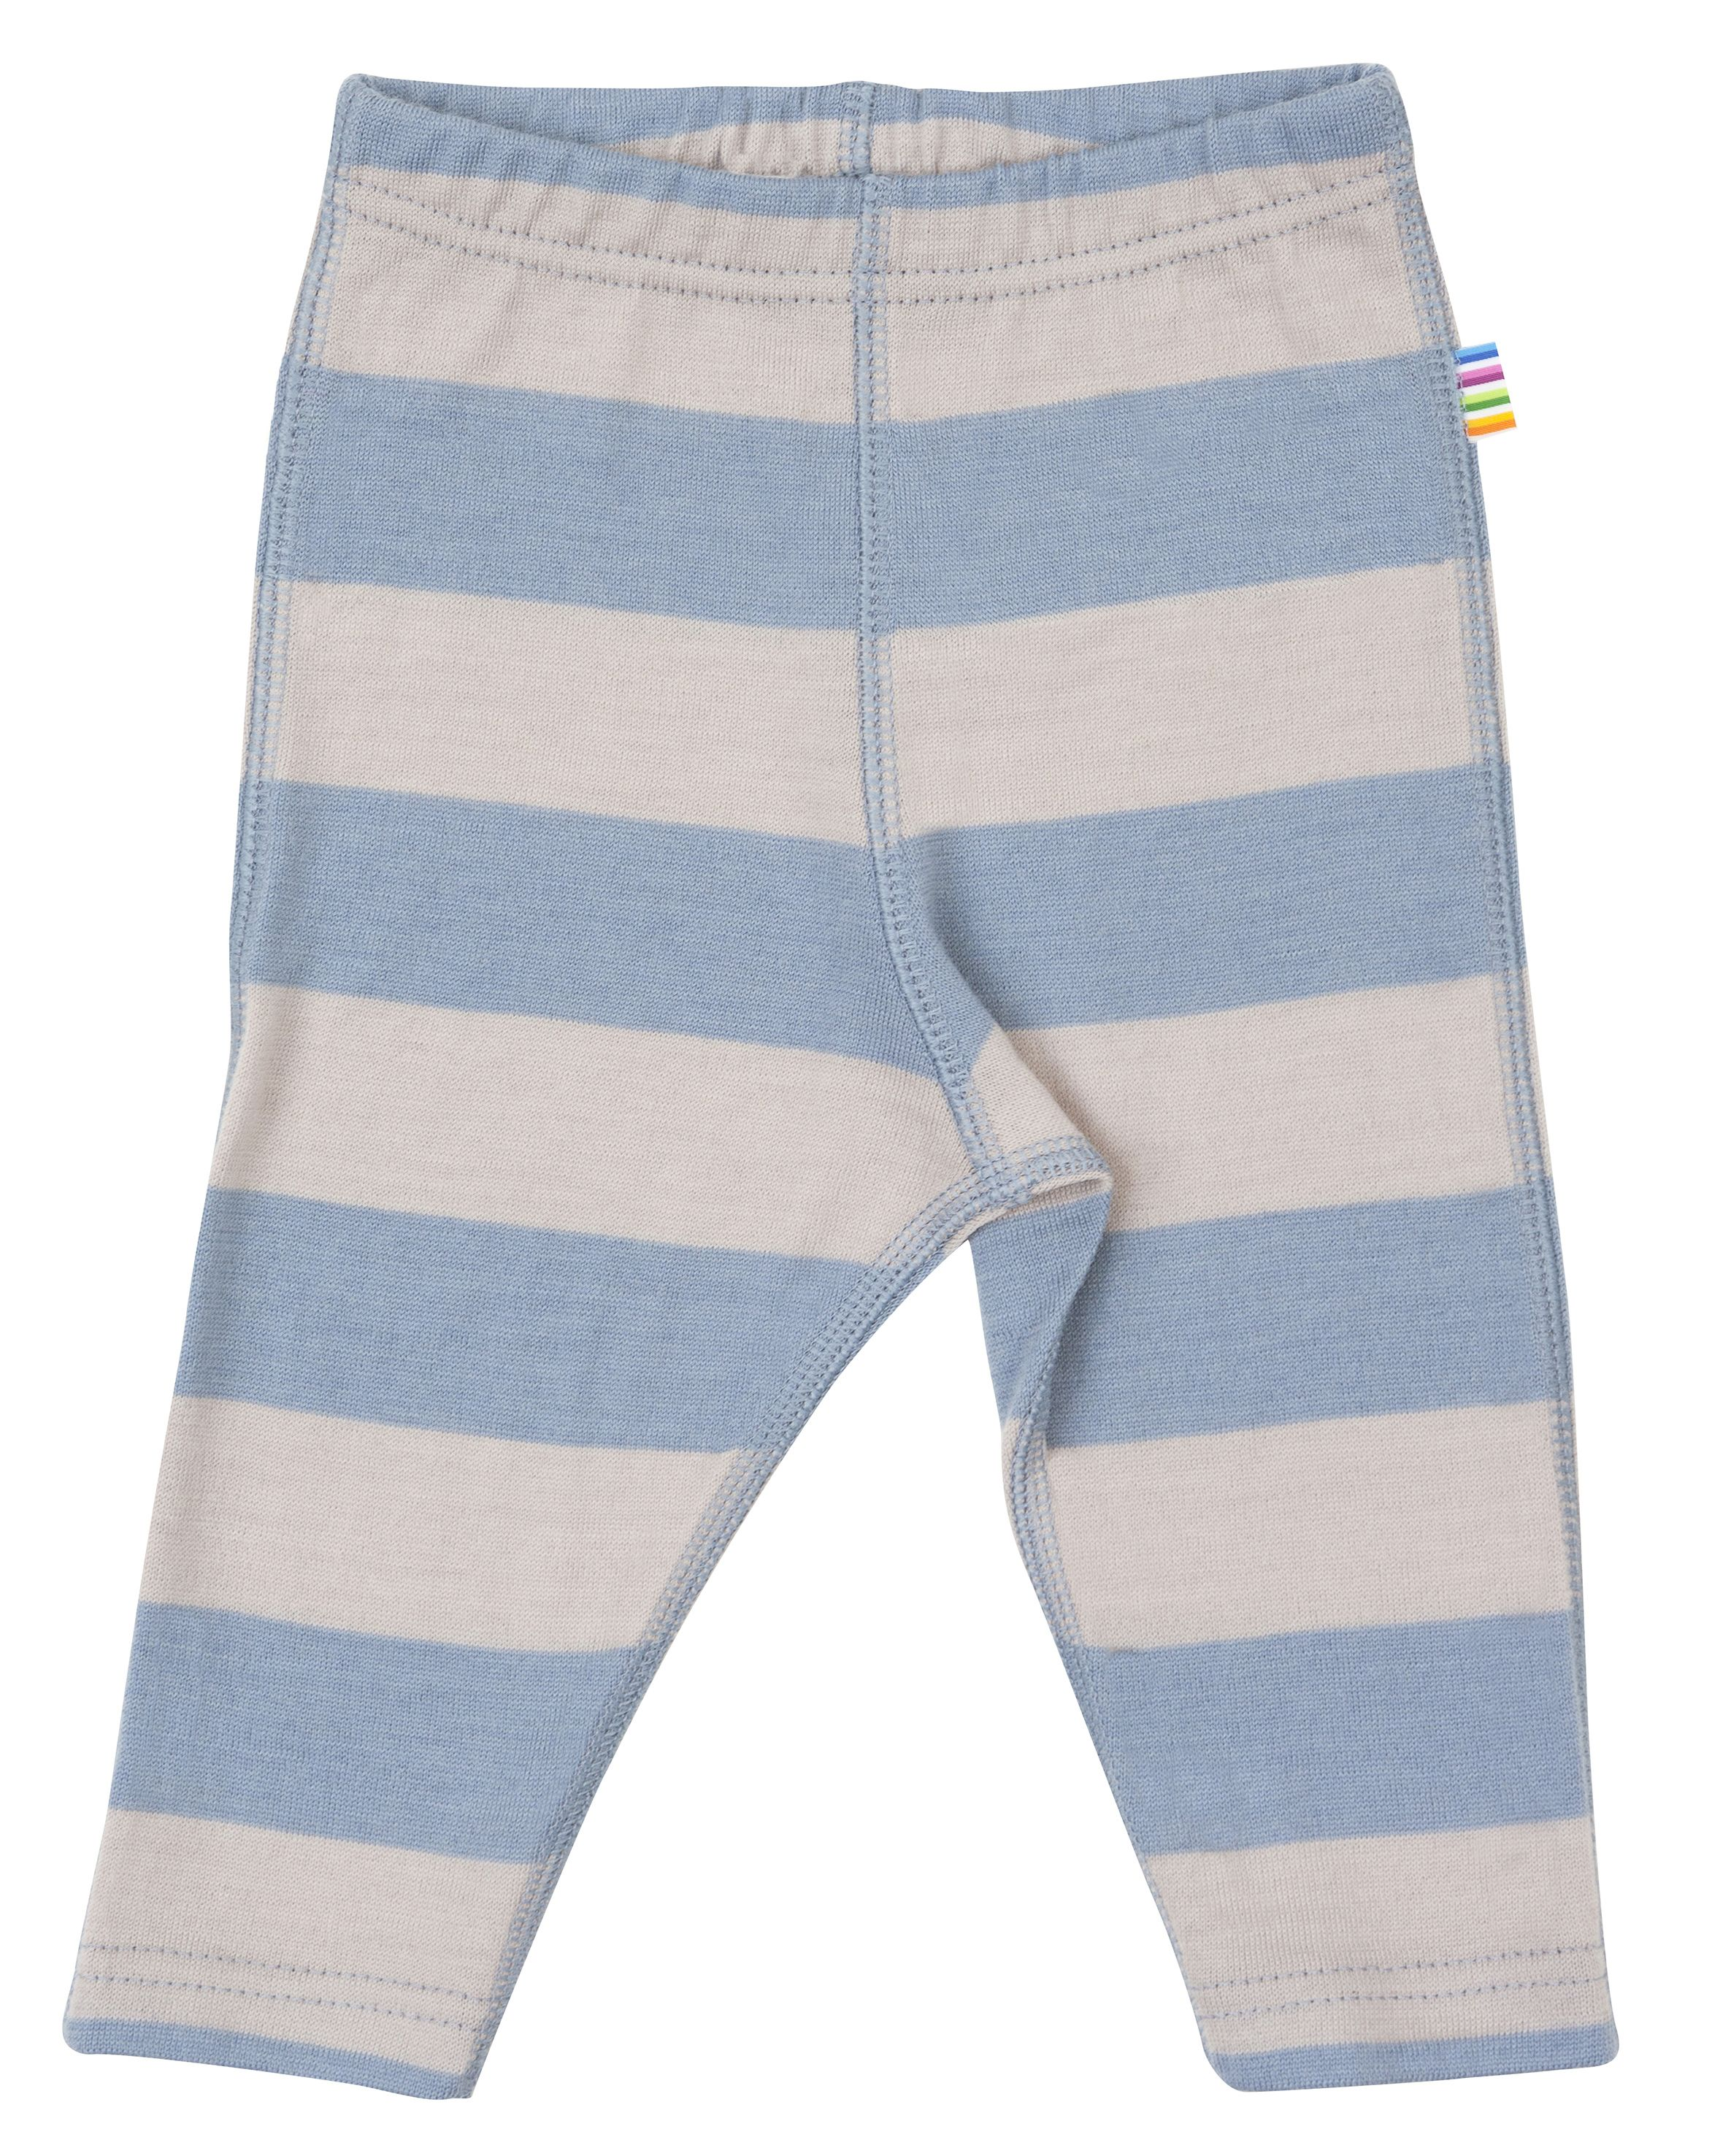 Image of   Leggings fra Joha i uld m. Grå/lyseblå striber